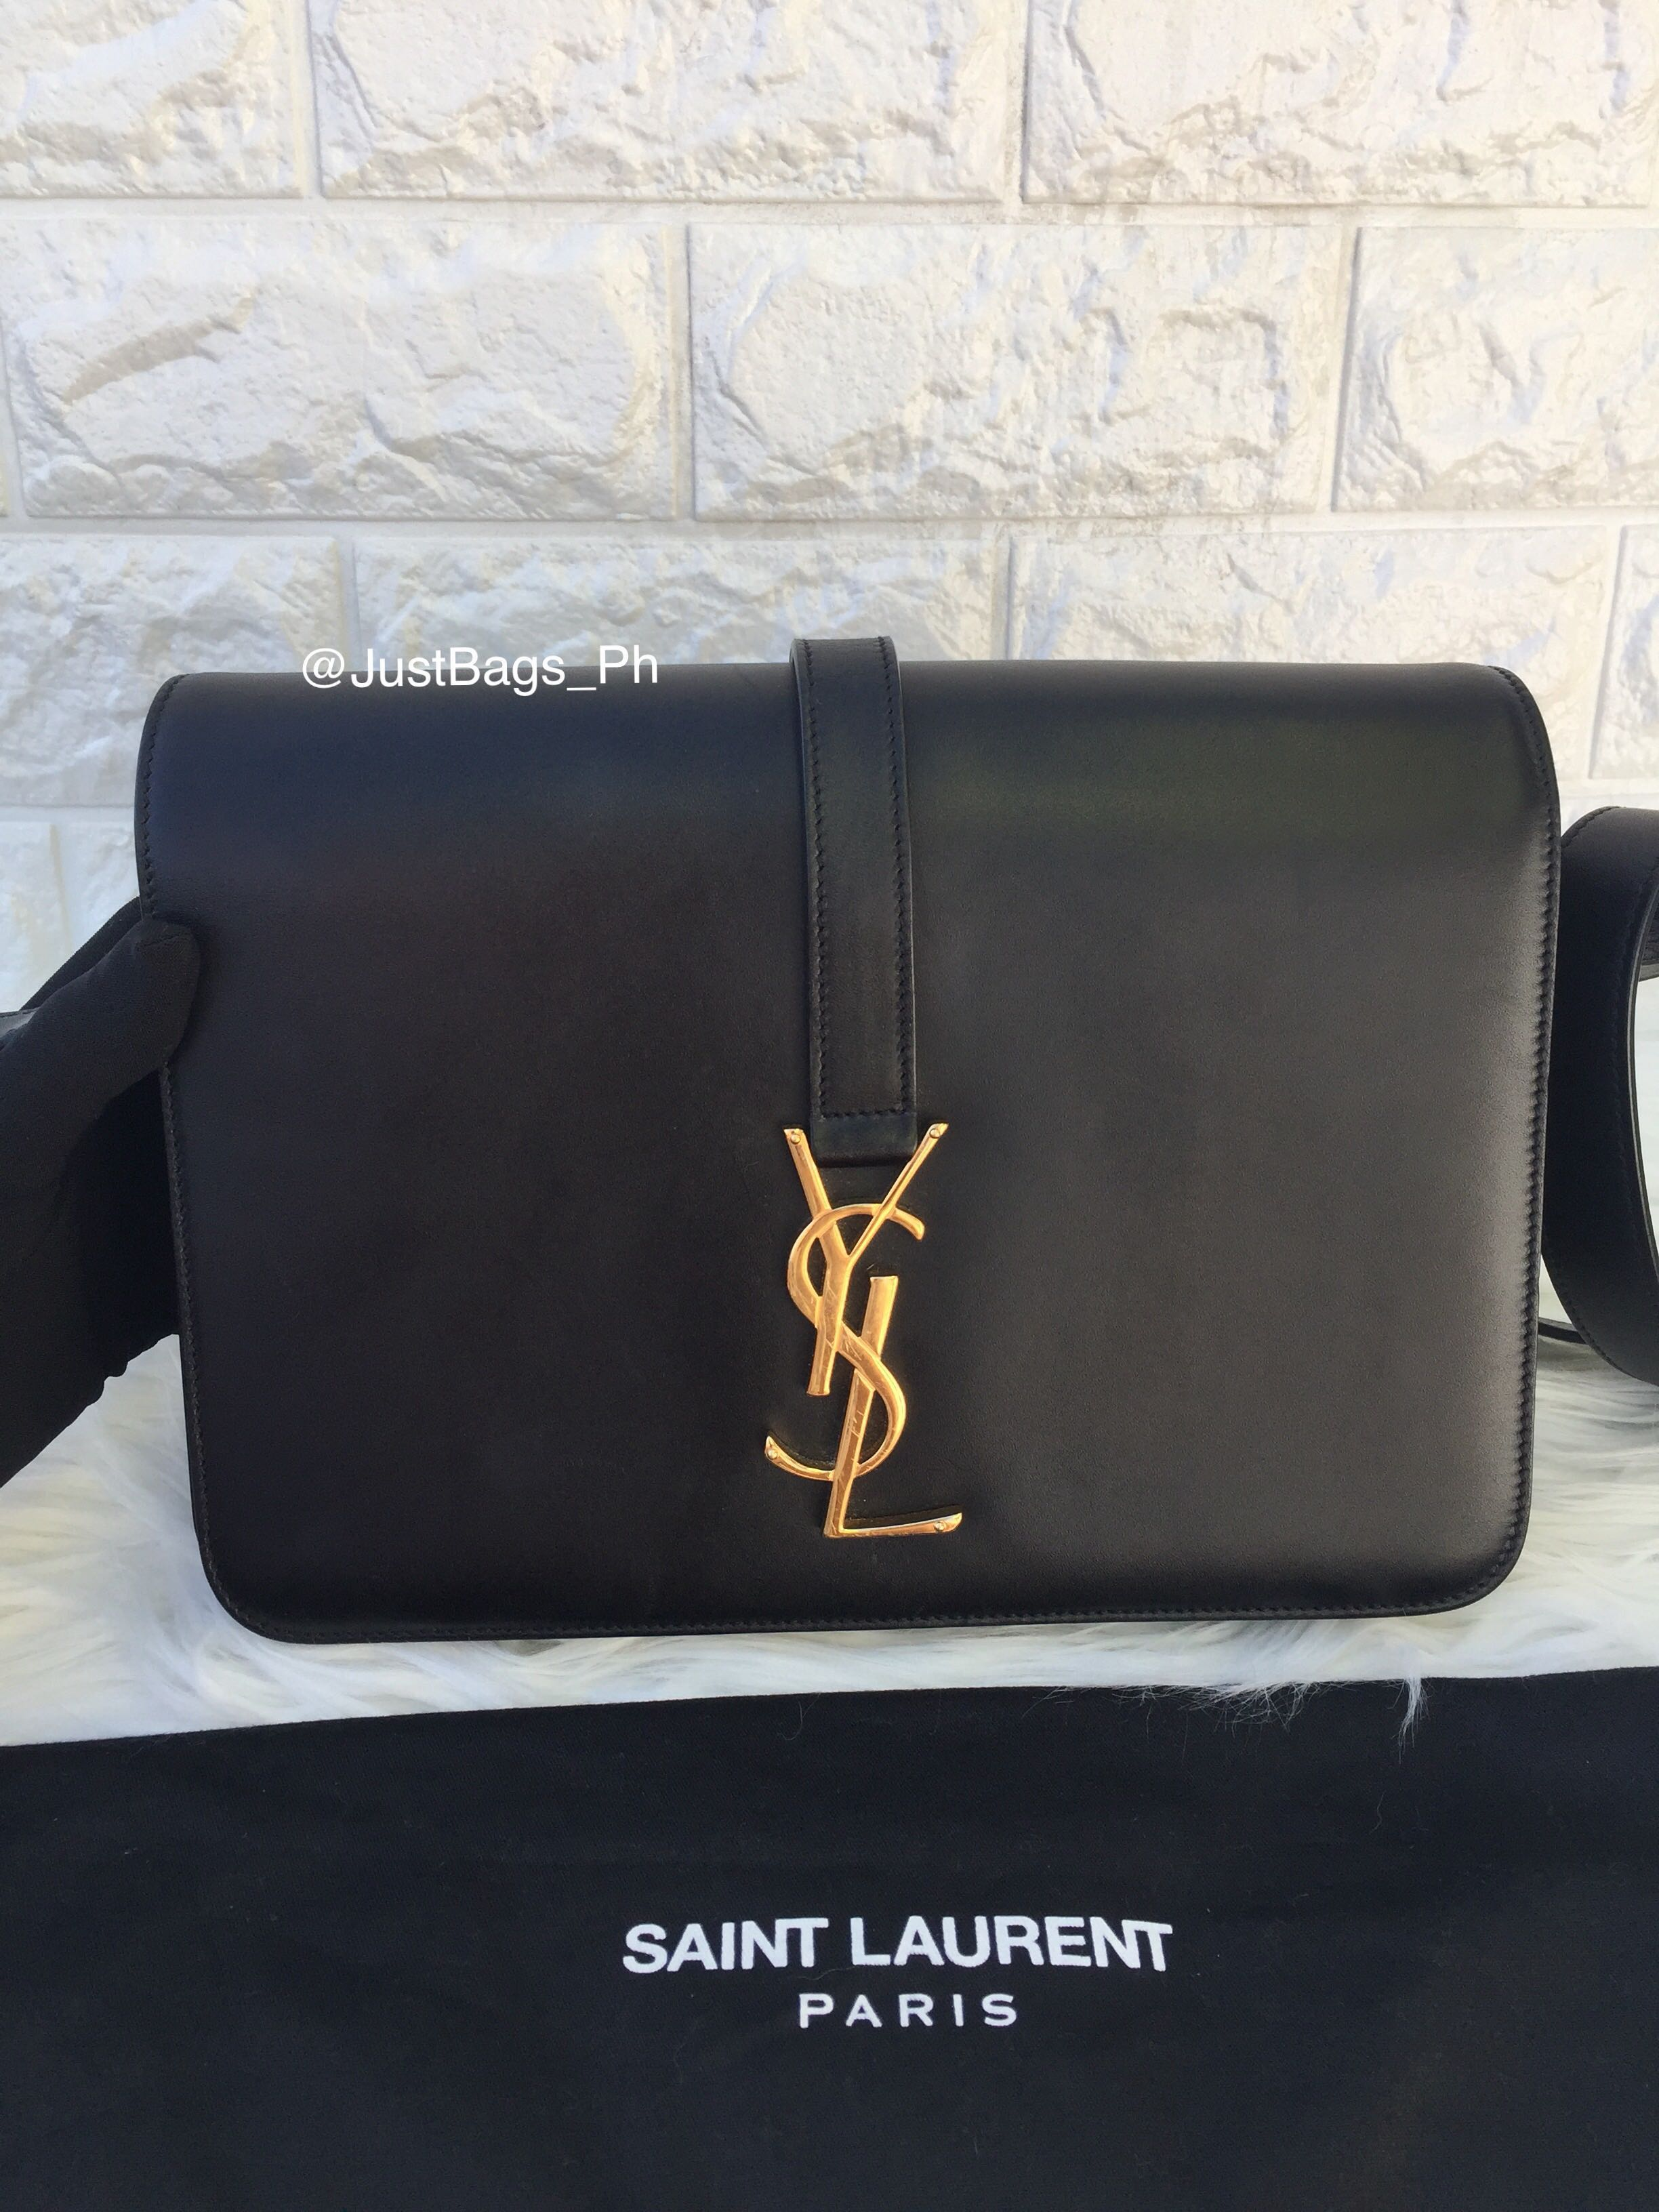 Authentic Saint Laurent Classic Medium Universite Bag 31903d71555c3